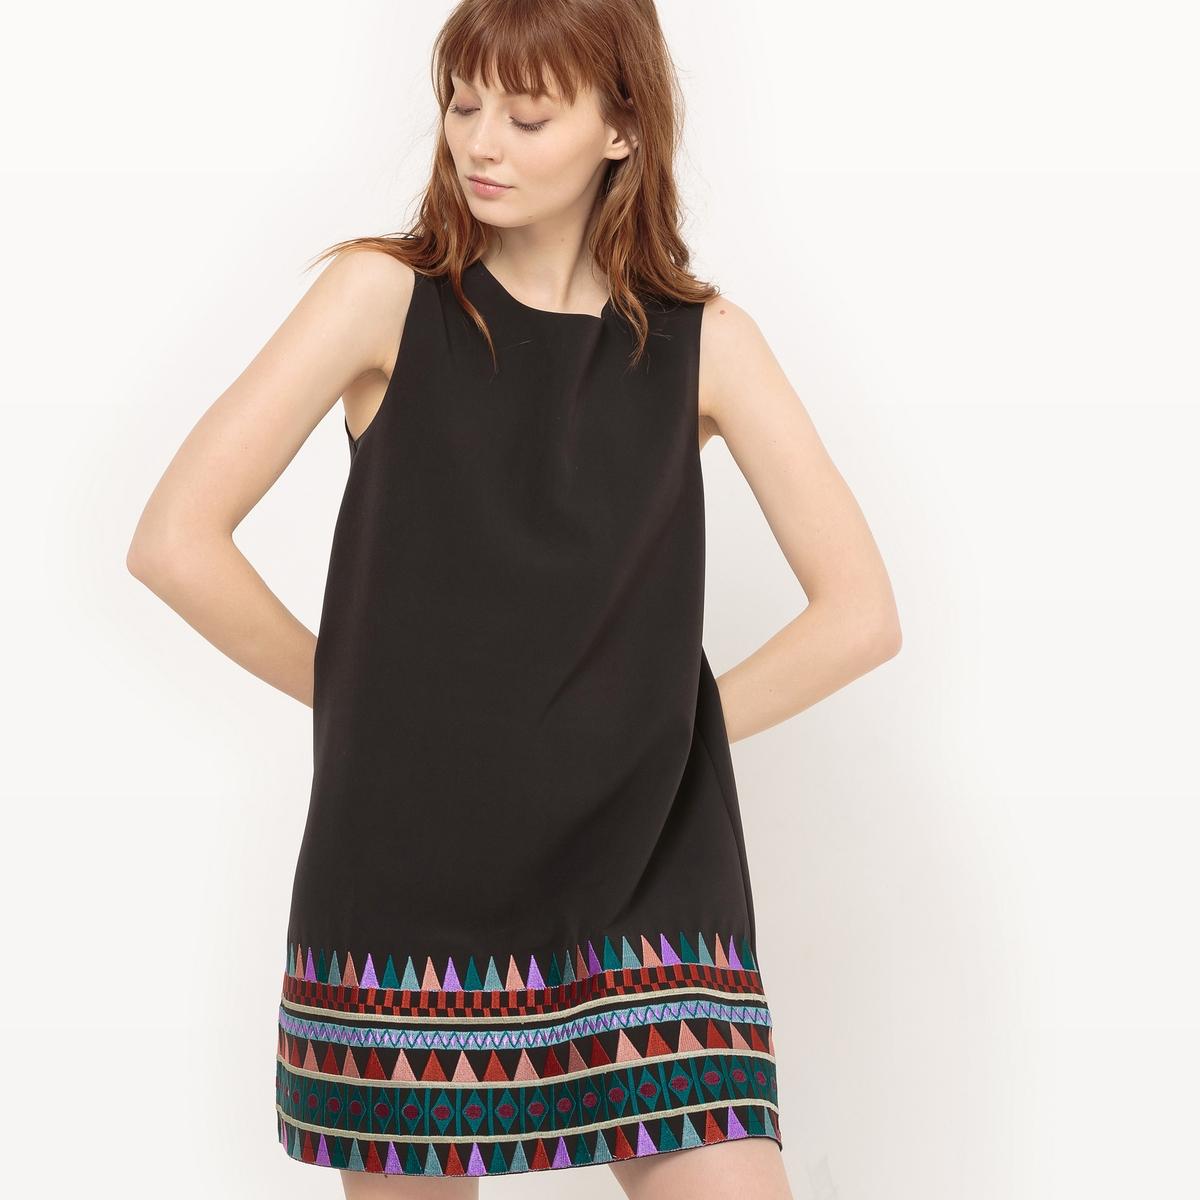 Платье-трапеция с вышивкойДетали   •  Форма : прямое  •  короткое  •  Без рукавов     •  Круглый вырез  •  Графический рисунок Состав и уход   • 10% эластана, 90% полиэстера   •  Просьба следовать советам по уходу, указанным на этикетке изделия<br><br>Цвет: черный<br>Размер: XL